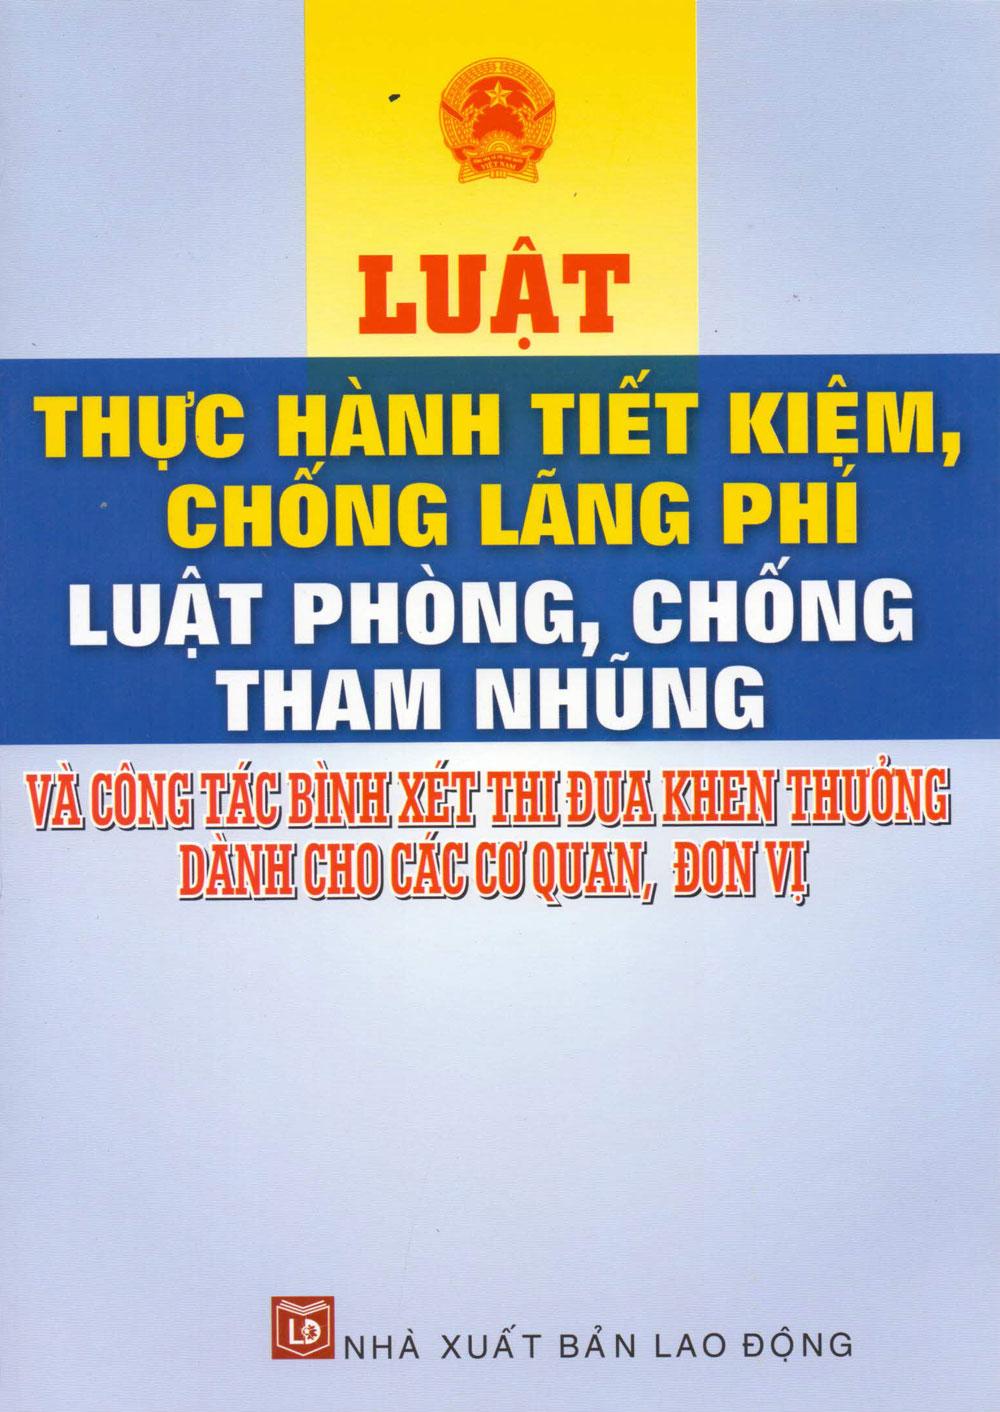 Luật Thực Hành Tiết Kiệm, Chống Lãng Phí - Luật Phòng, Chống Tham Nhũng (LĐ) - 6811993451250,62_9999929,335000,tiki.vn,Luat-Thuc-Hanh-Tiet-Kiem-Chong-Lang-Phi-Luat-Phong-Chong-Tham-Nhung-LD-62_9999929,Luật Thực Hành Tiết Kiệm, Chống Lãng Phí - Luật Phòng, Chống Tham Nhũng (LĐ)